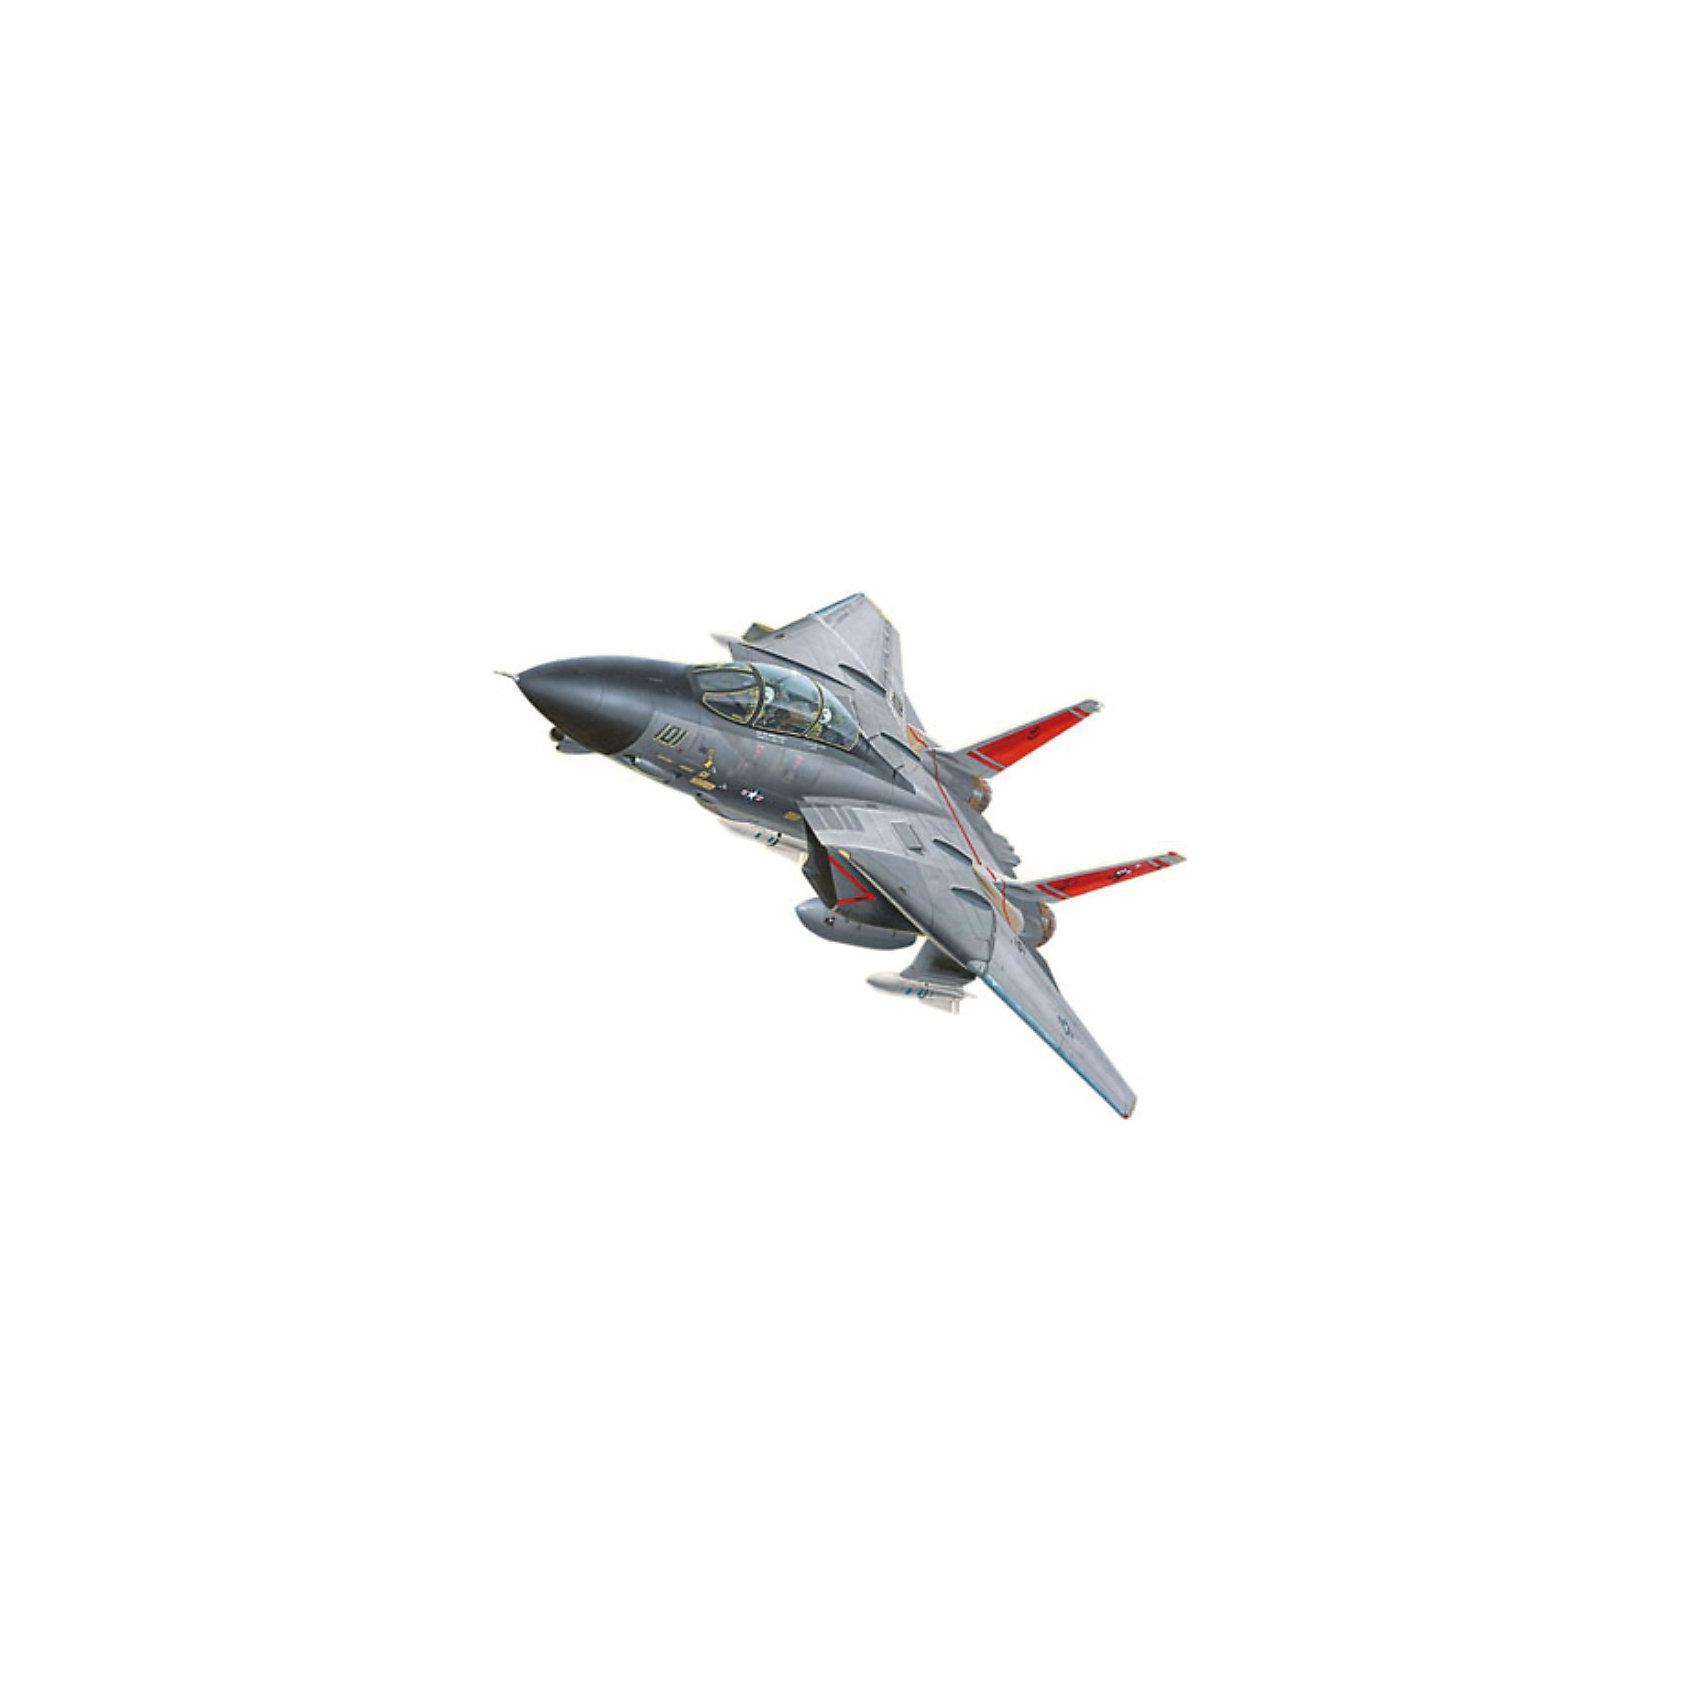 Сборка самолет F-14 Tomcat (1/100)Модели для склеивания<br>F-14A Tomcat - американский двухместный реактивный истребитель-перехватчик четвёртого поколения. Самолет был разработан в 1970-х для замены  истребителя F-4. Модификация F-14A является двухместным всепогодным истребителем-перехватчиком. Кроме того  в состав вооружения были добавлены высокоточные боеприпасы Всего на вооружение ВМС США  было поставлено  545 таких самолётов. С 2006 года F-14 снят с вооружения. <br>Масштаб: 1:100 <br>Количество деталей: 24 шт <br>Длина модели: 185 мм <br>Размах крыльев: 200 мм <br>Подойдет для детей старше 10-и лет <br>Для сборки этой модели клей и краски вам не потребуются, соединение деталей происходит посредством специальных зажимов!<br><br>Ширина мм: 243<br>Глубина мм: 158<br>Высота мм: 42<br>Вес г: 255<br>Возраст от месяцев: 72<br>Возраст до месяцев: 168<br>Пол: Мужской<br>Возраст: Детский<br>SKU: 1604145